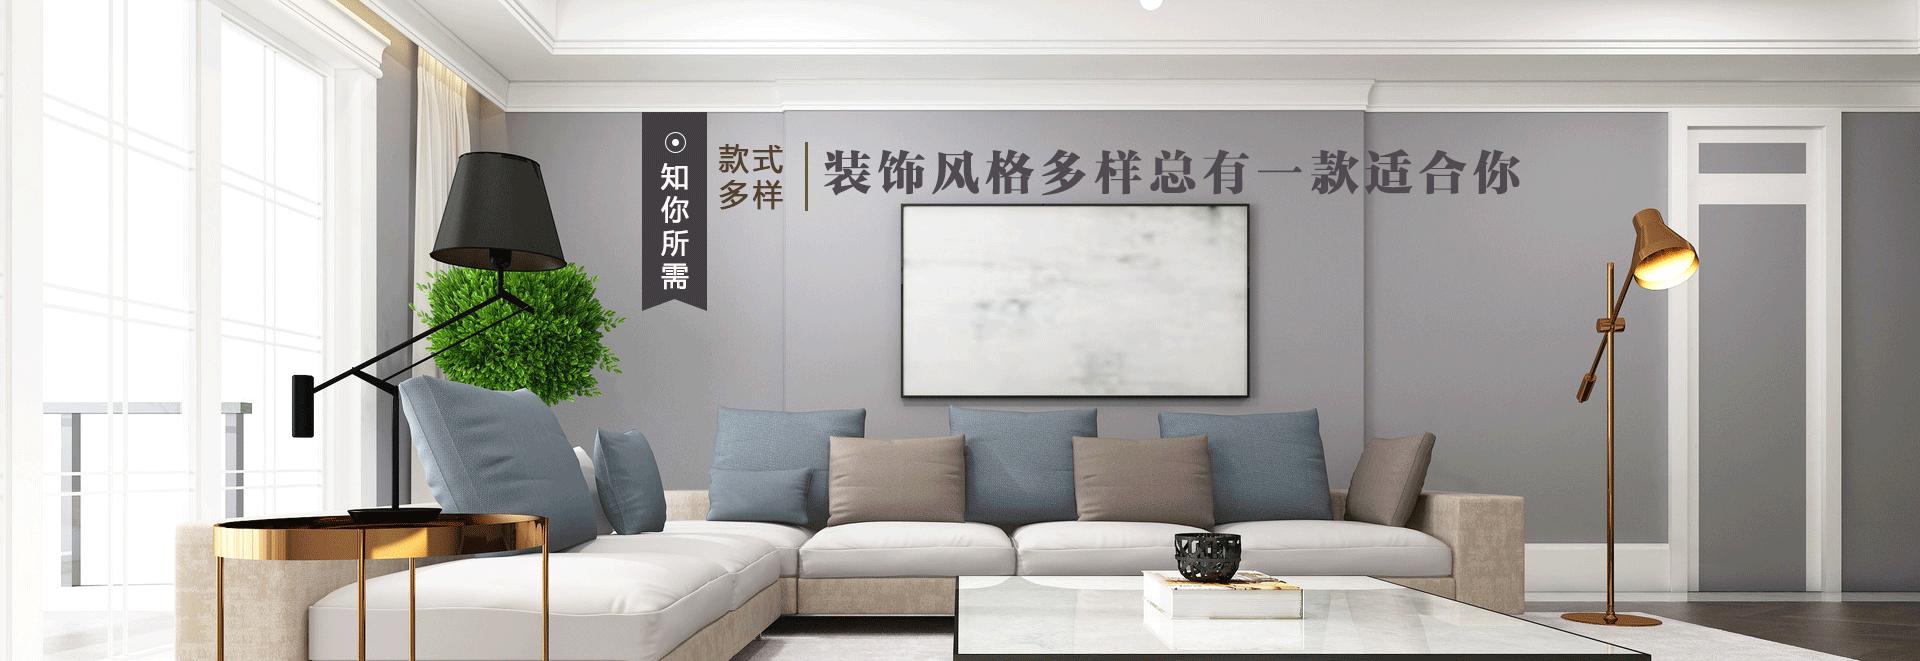 龙8国际唯一官网龙8国际官网授权公司